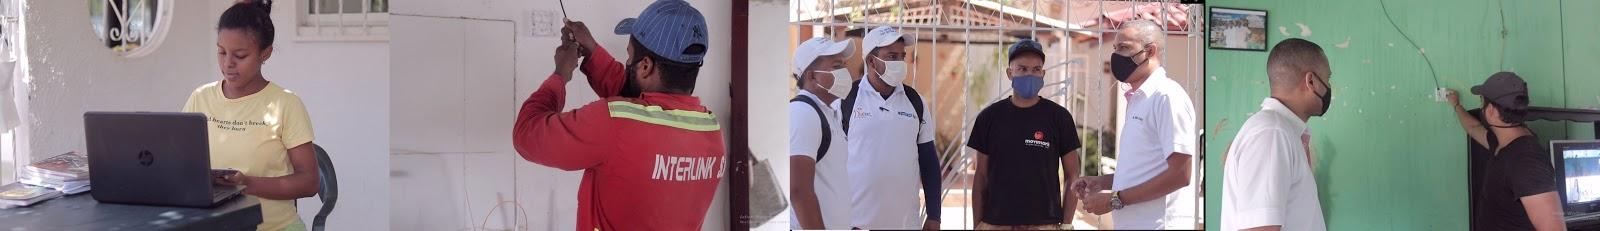 hoyennoticia.com, Familias de estrato 1 y 2 en Riohacha tienen tarifas bajas de internet